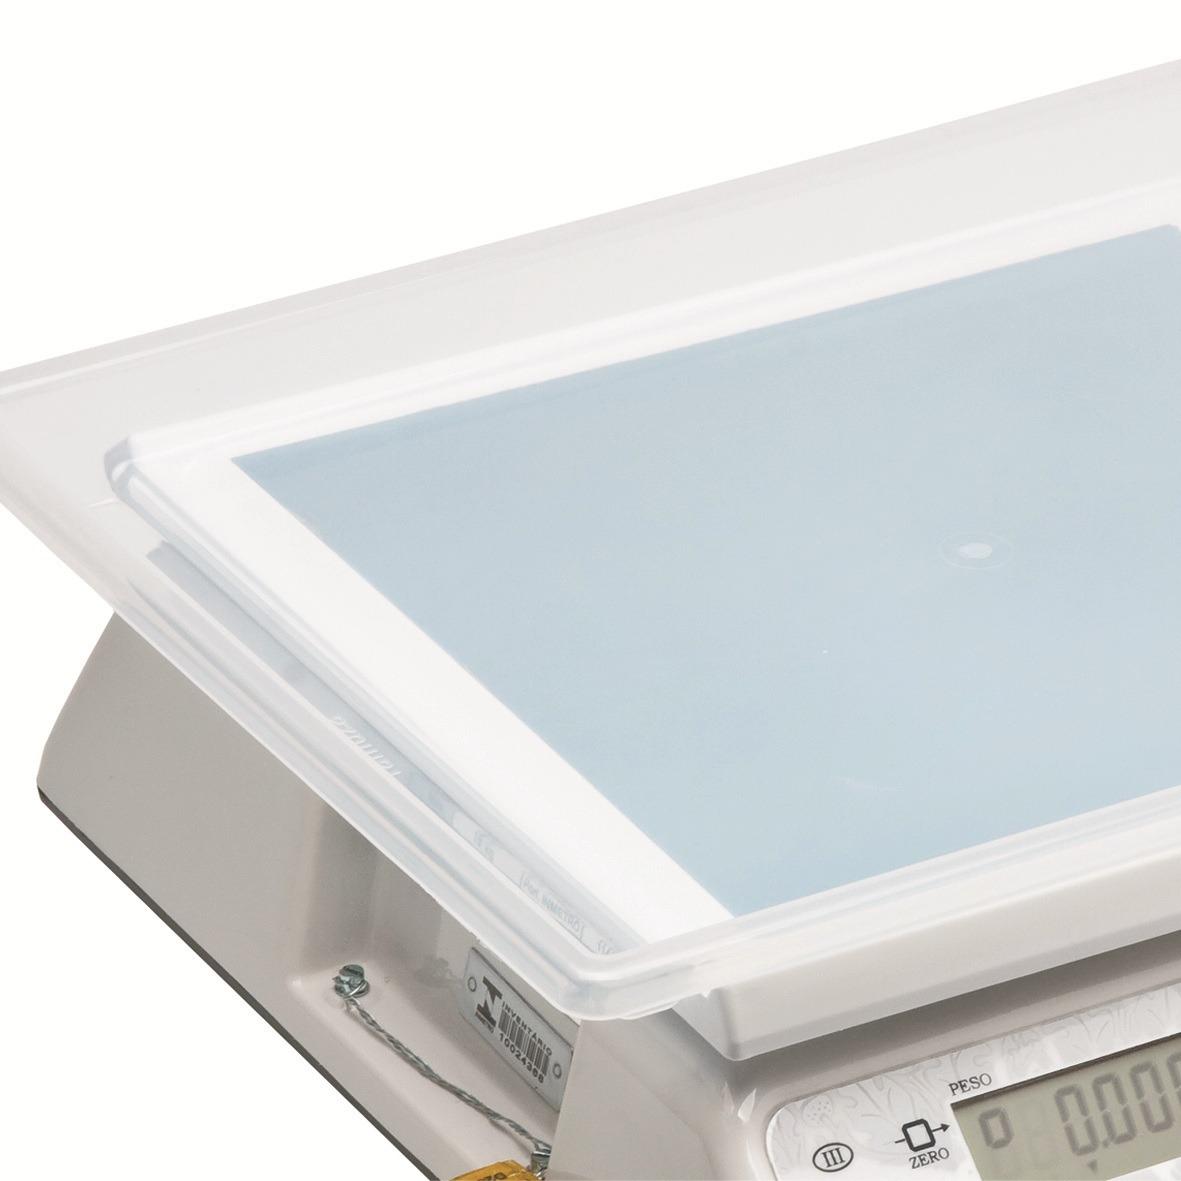 Balança Digital Comercial 30kg Display Luminoso Bat 100 Hora R$ 694  #9A7231 1181x1181 Balança Digital Banheiro Frete Grátis